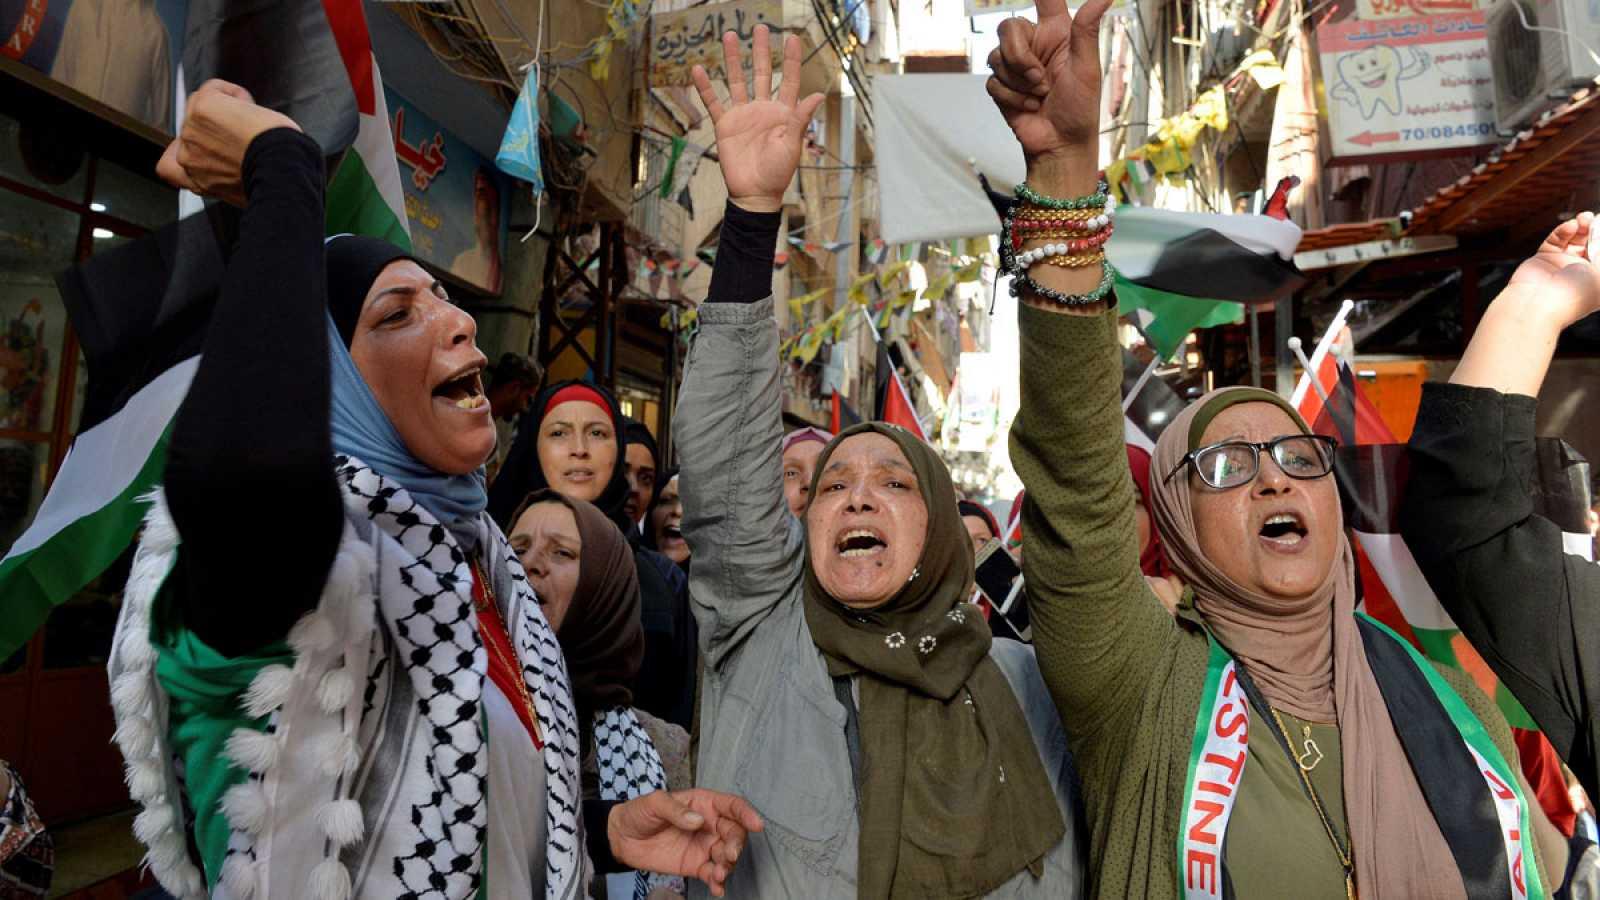 En Palestina, por primera vez, las mujeres se movilizan estos días en las principales ciudades de Cisjordania contra la violencia machista y los llamados crímenes de honor. El último caso es el de una chica de 21 años, asesinada a manos de sus famili